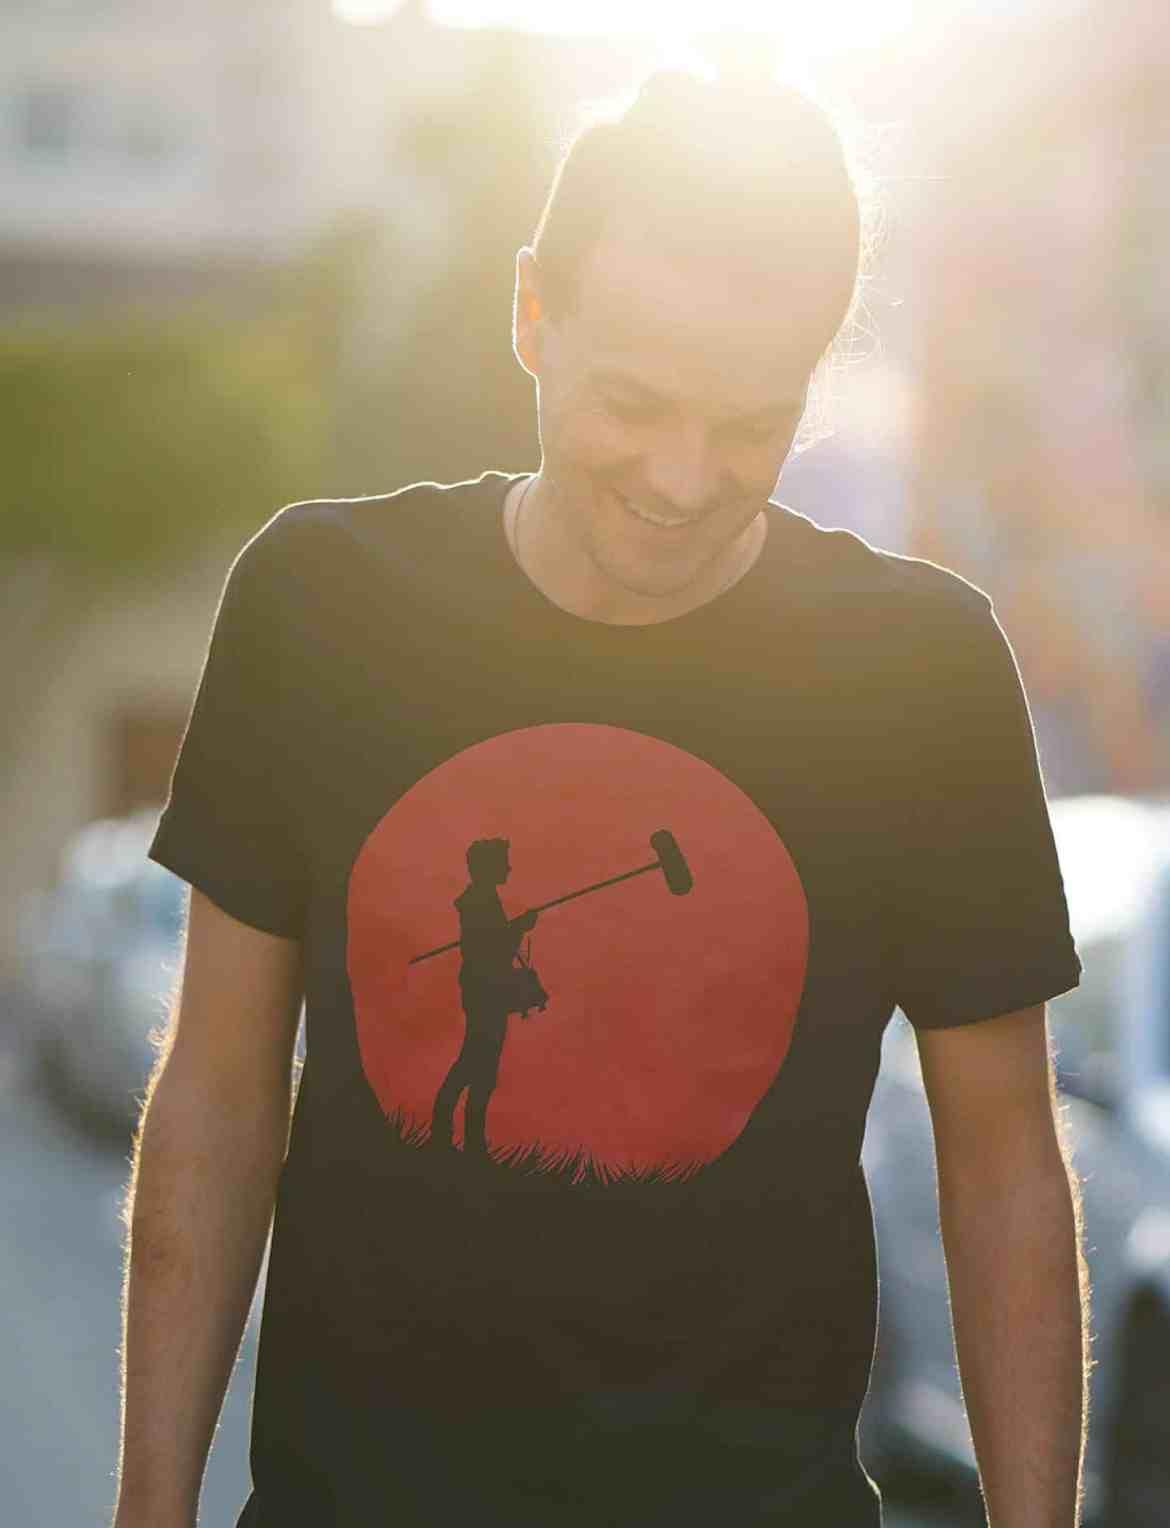 Marcel-Boom-Operator-T-shirt-Wavkind